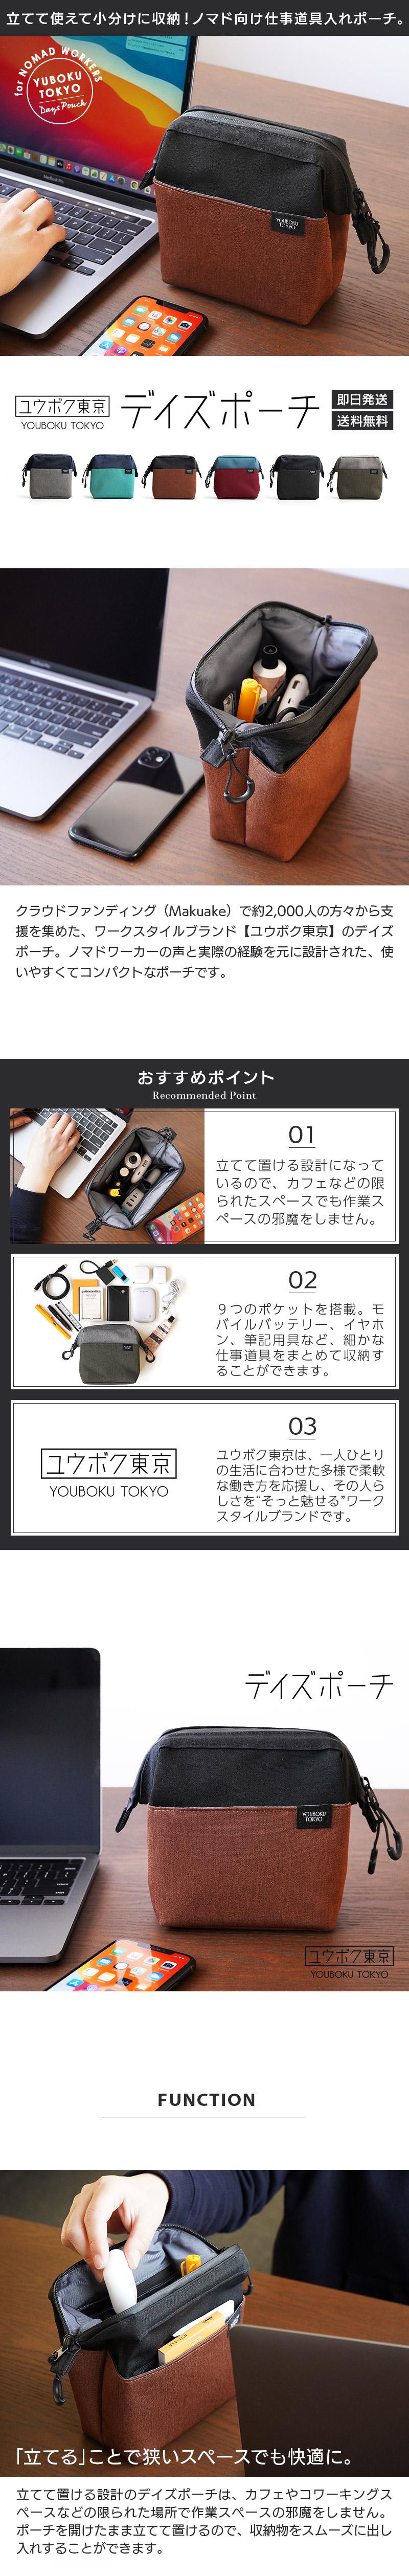 クラウドファンディング(Makuake)で約2,000人の方々から支援を集めた、ワークスタイルブランド【ユウボク東京】のデイズポーチ。ノマドワーカーの声と実際の経験を元に設計された、使いやすくてコンパクトなポーチです。